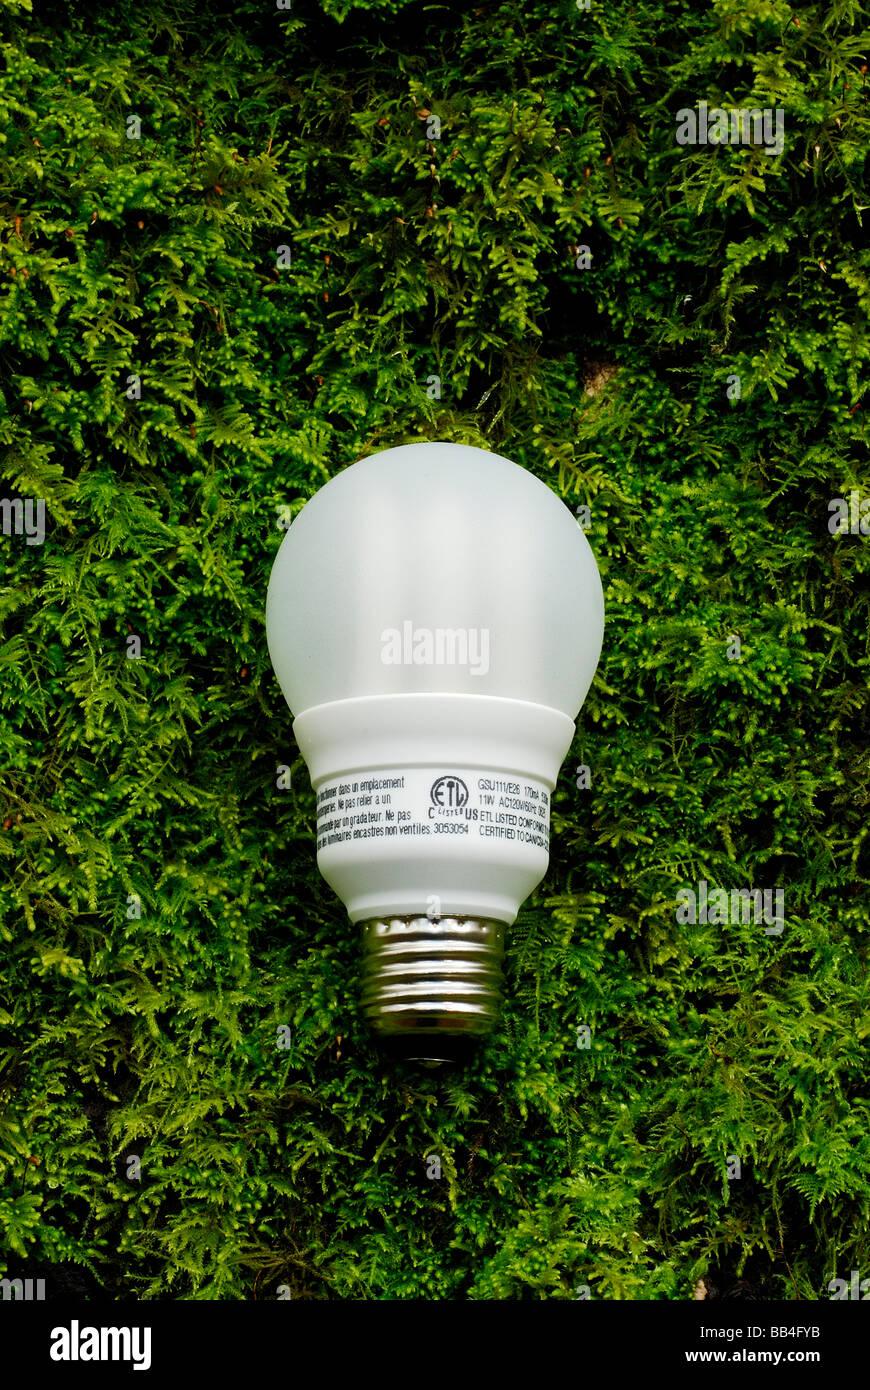 Ampoule à économie d'énergie. Photo Stock